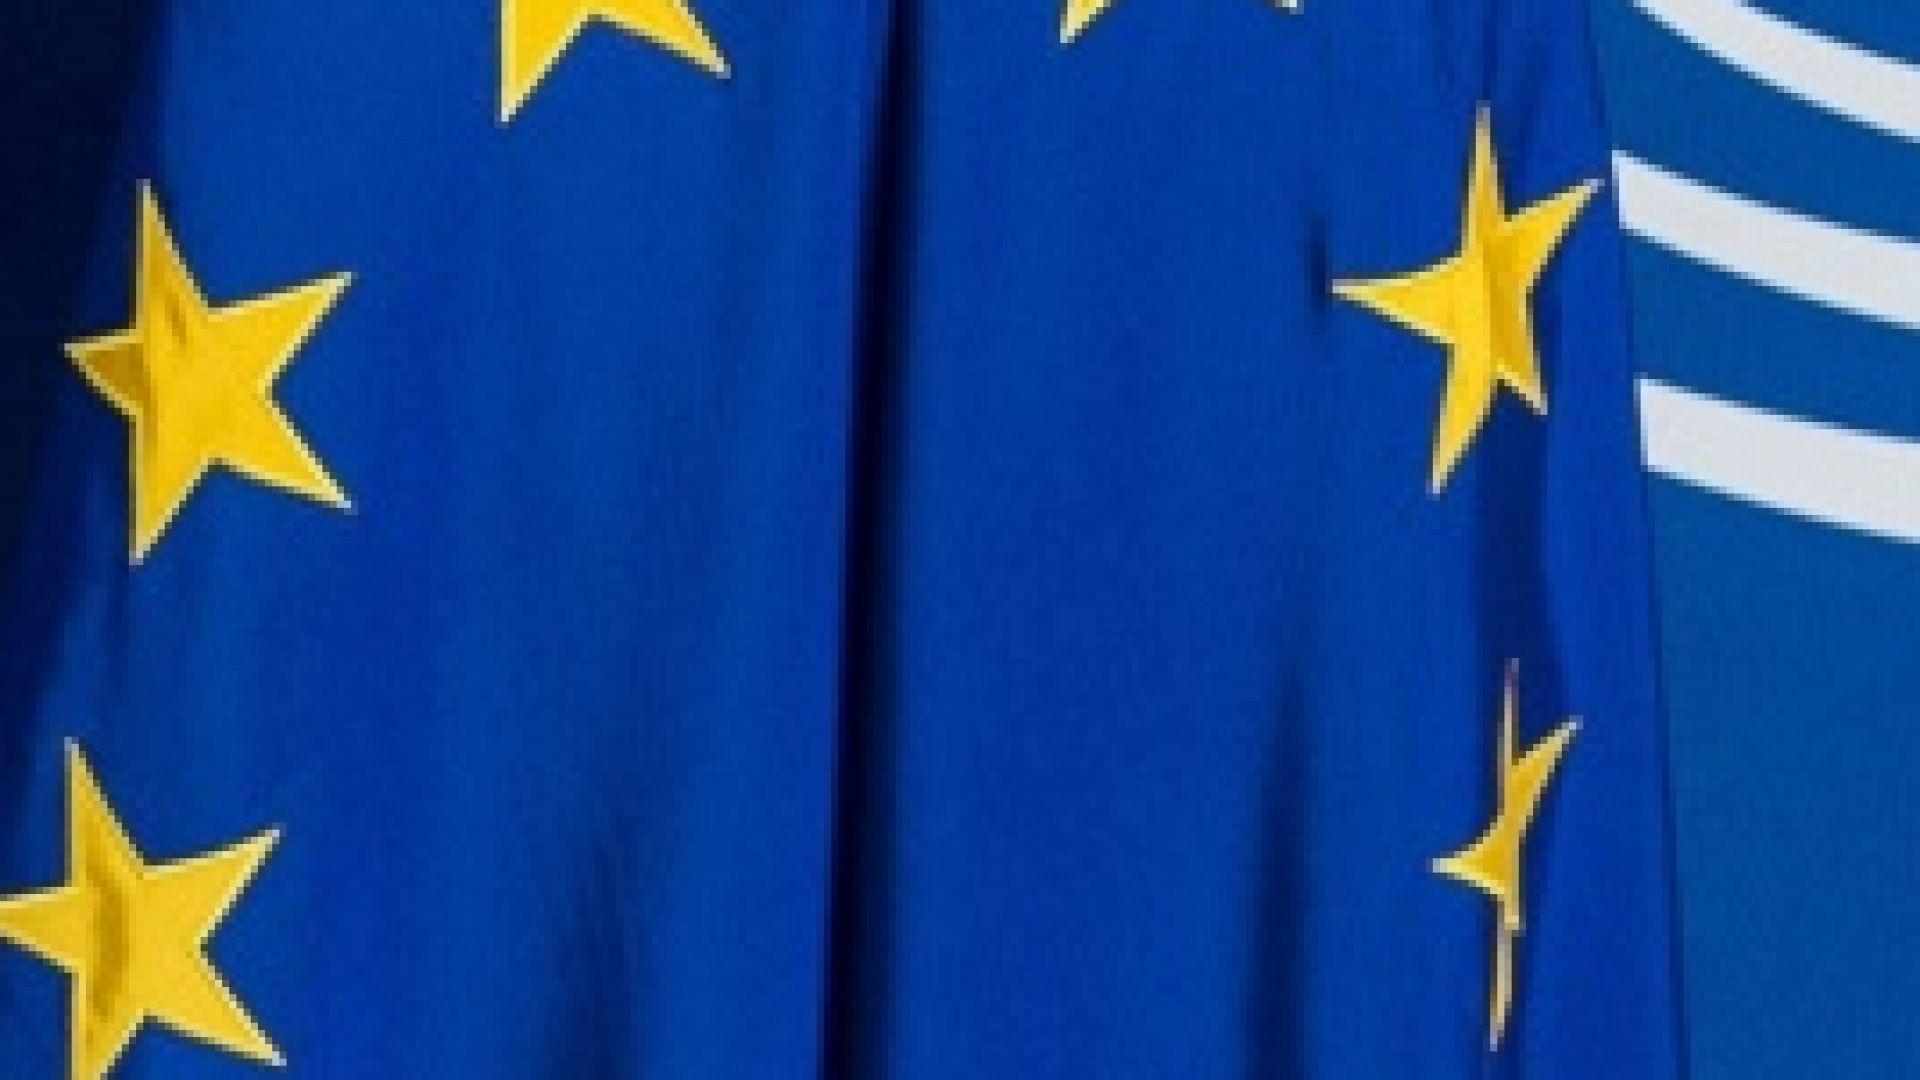 Получили сме едва 1.5 млрд. евро от ЕС от 7.5 млрд. заложени